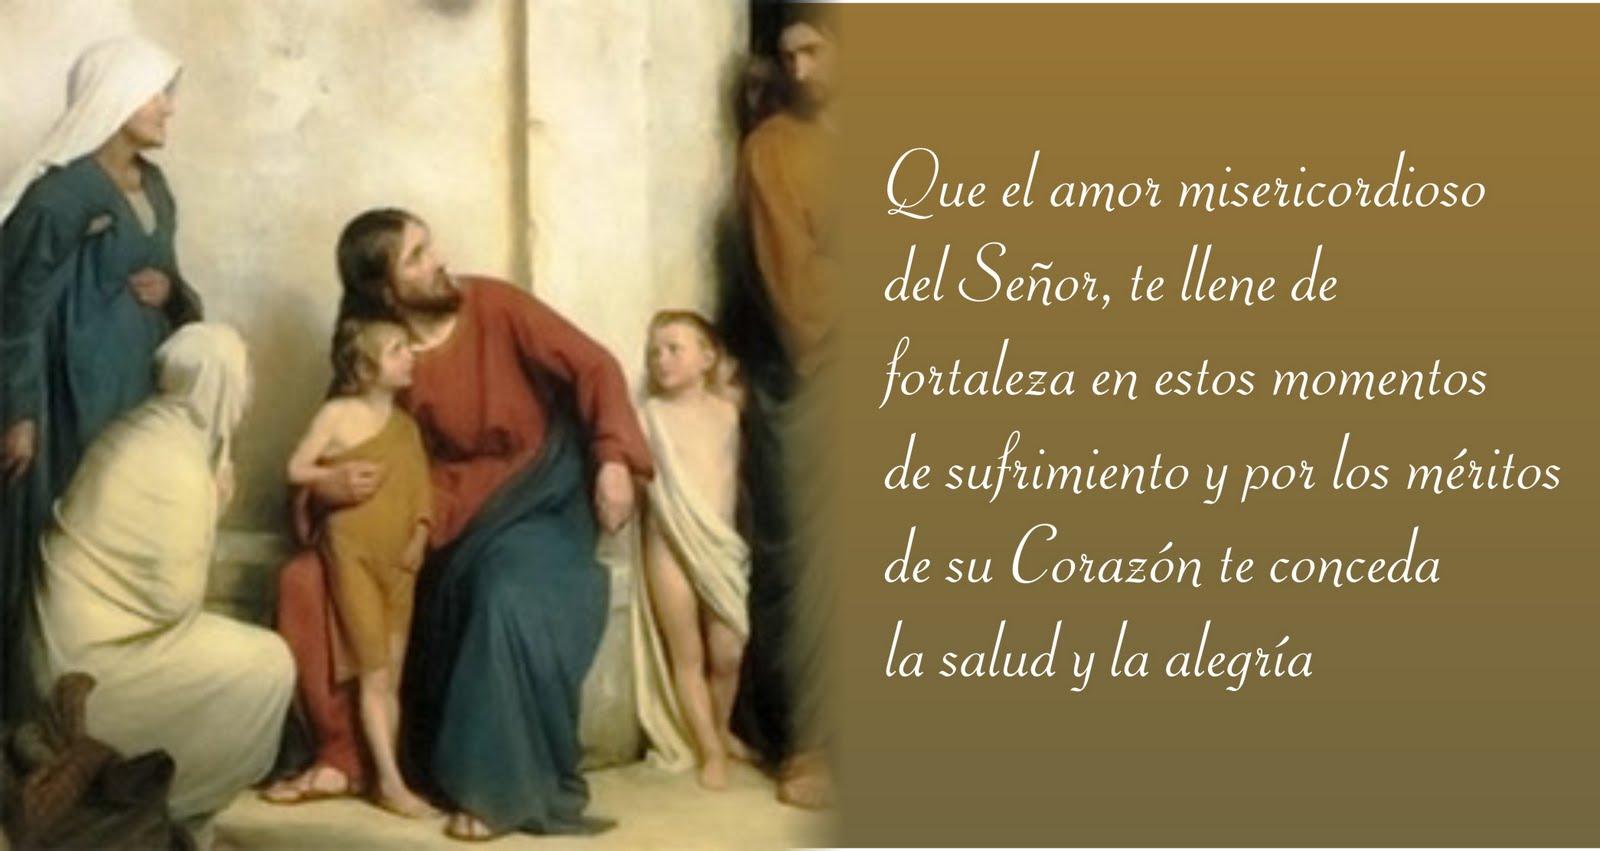 Oracion Para Un Familiar Enfermo